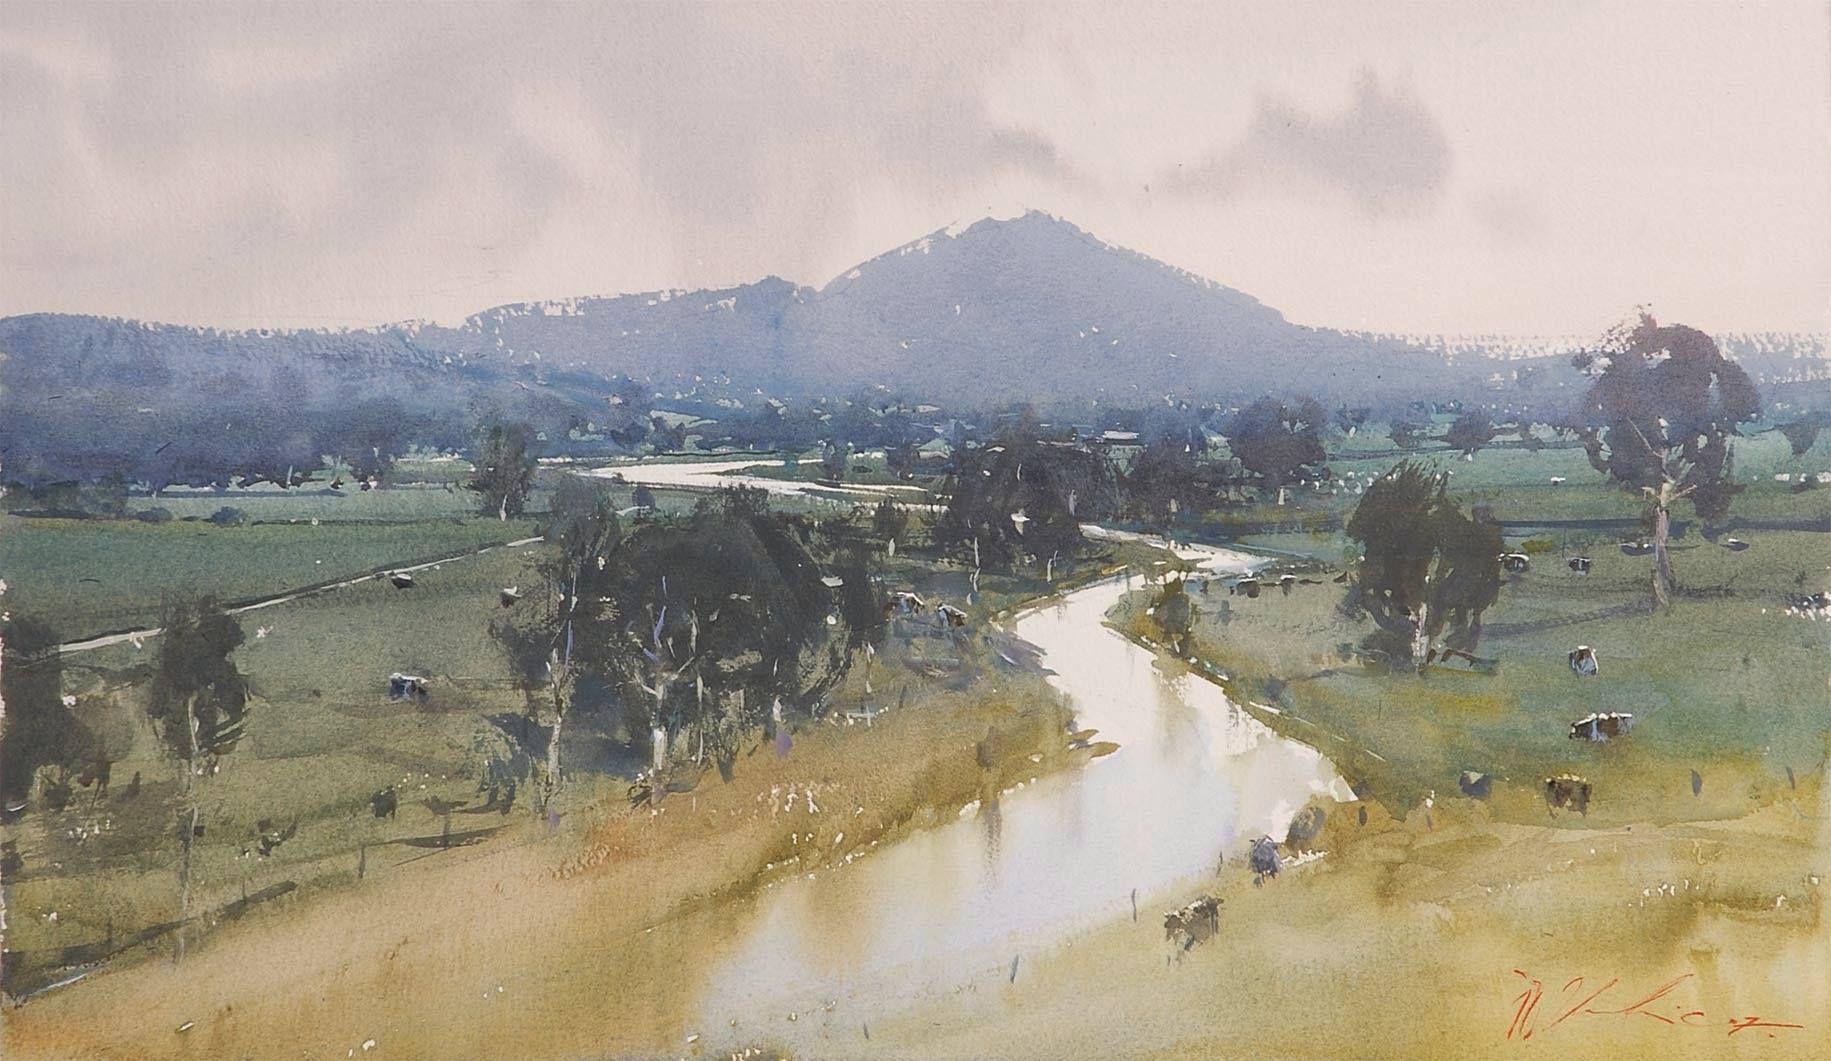 Joseph Zbukvic B 1952 Australia Watercolor Joseph Zbukvic